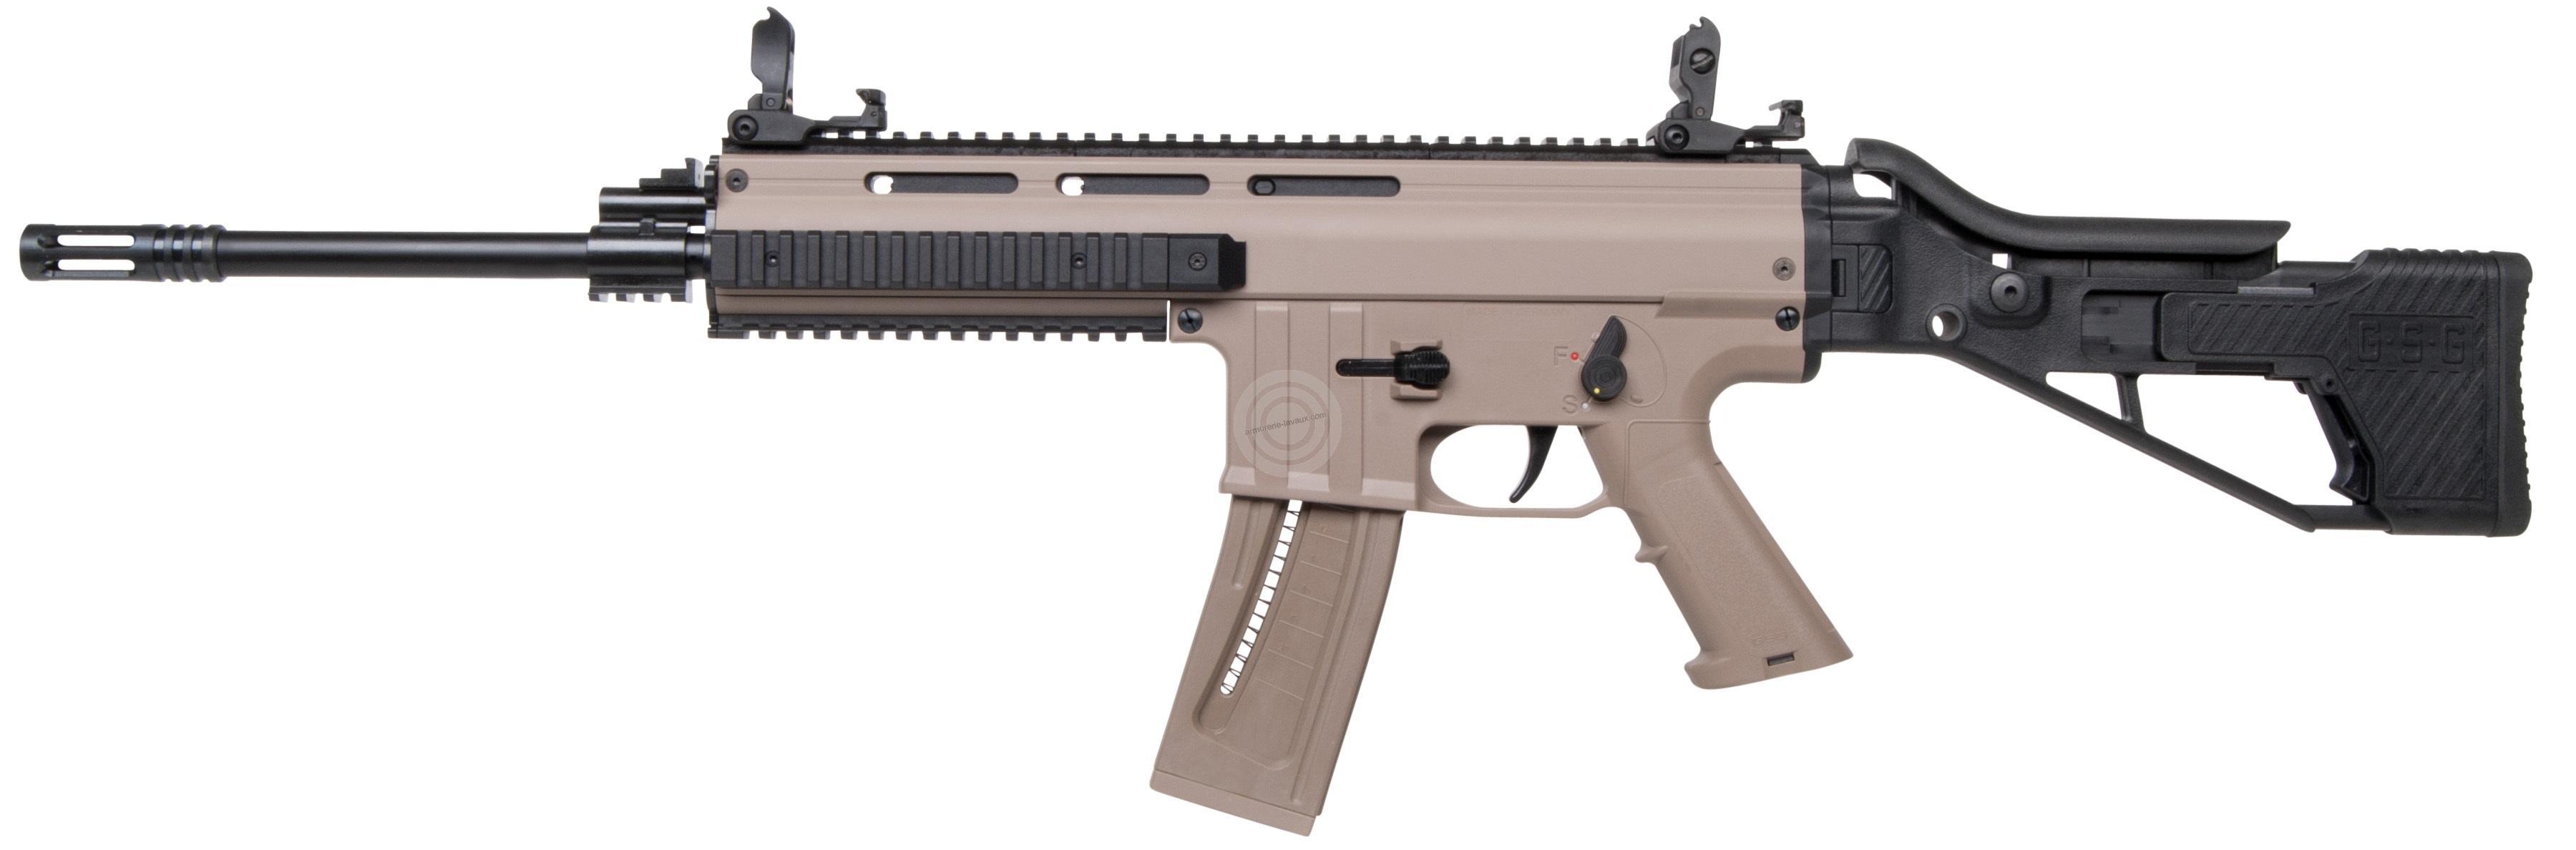 Carabine semi-automatique GSG-15 16.5